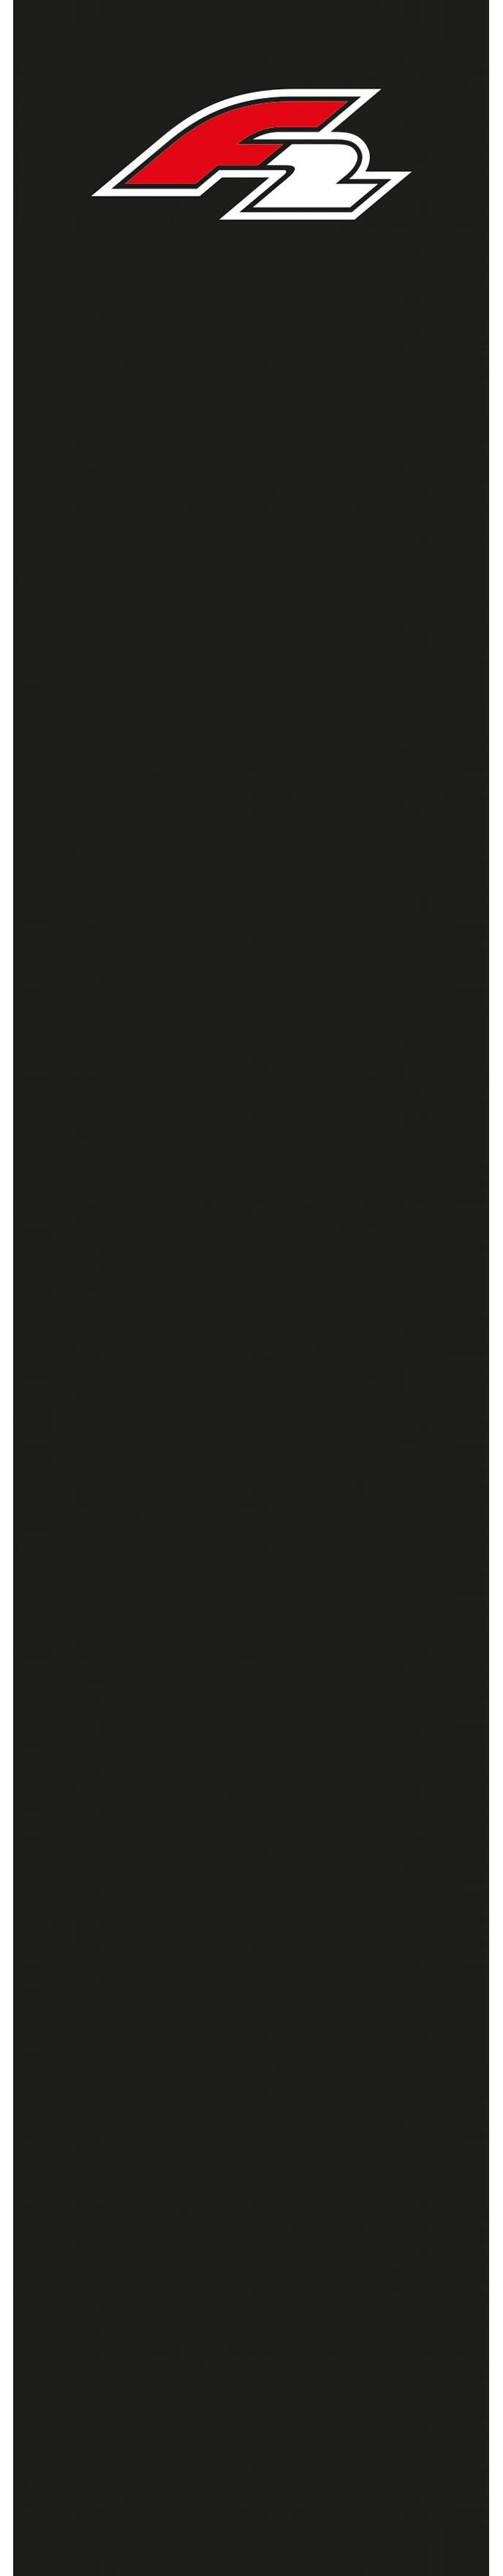 ELIMINATOR PROTO HANNO PRO - Base